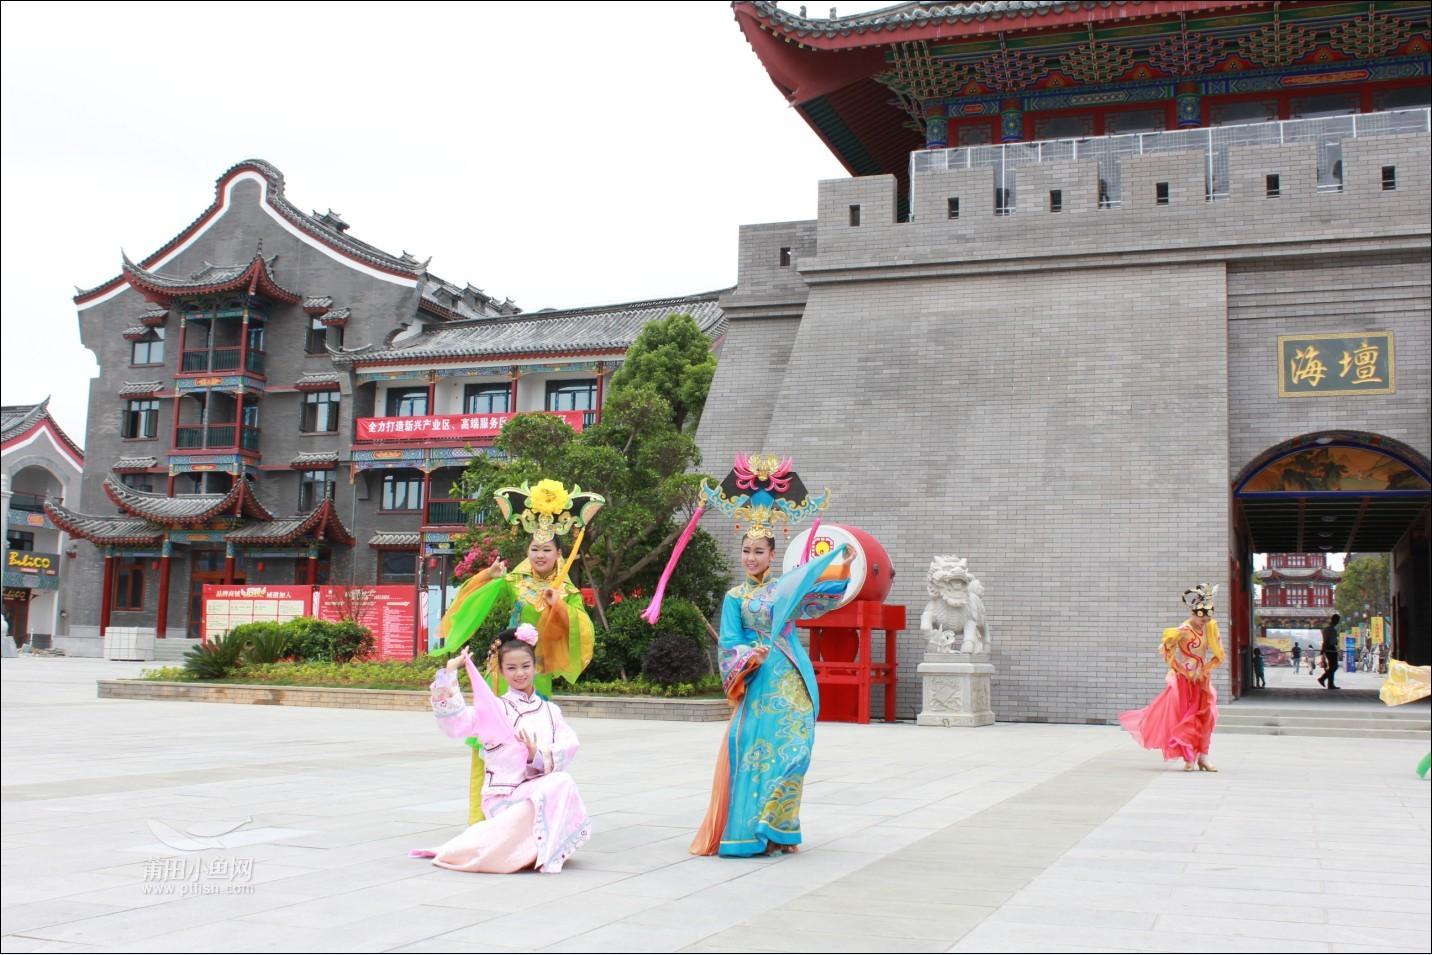 平潭风光和海坛古城的民族舞蹈服饰表演(有美女,壮男